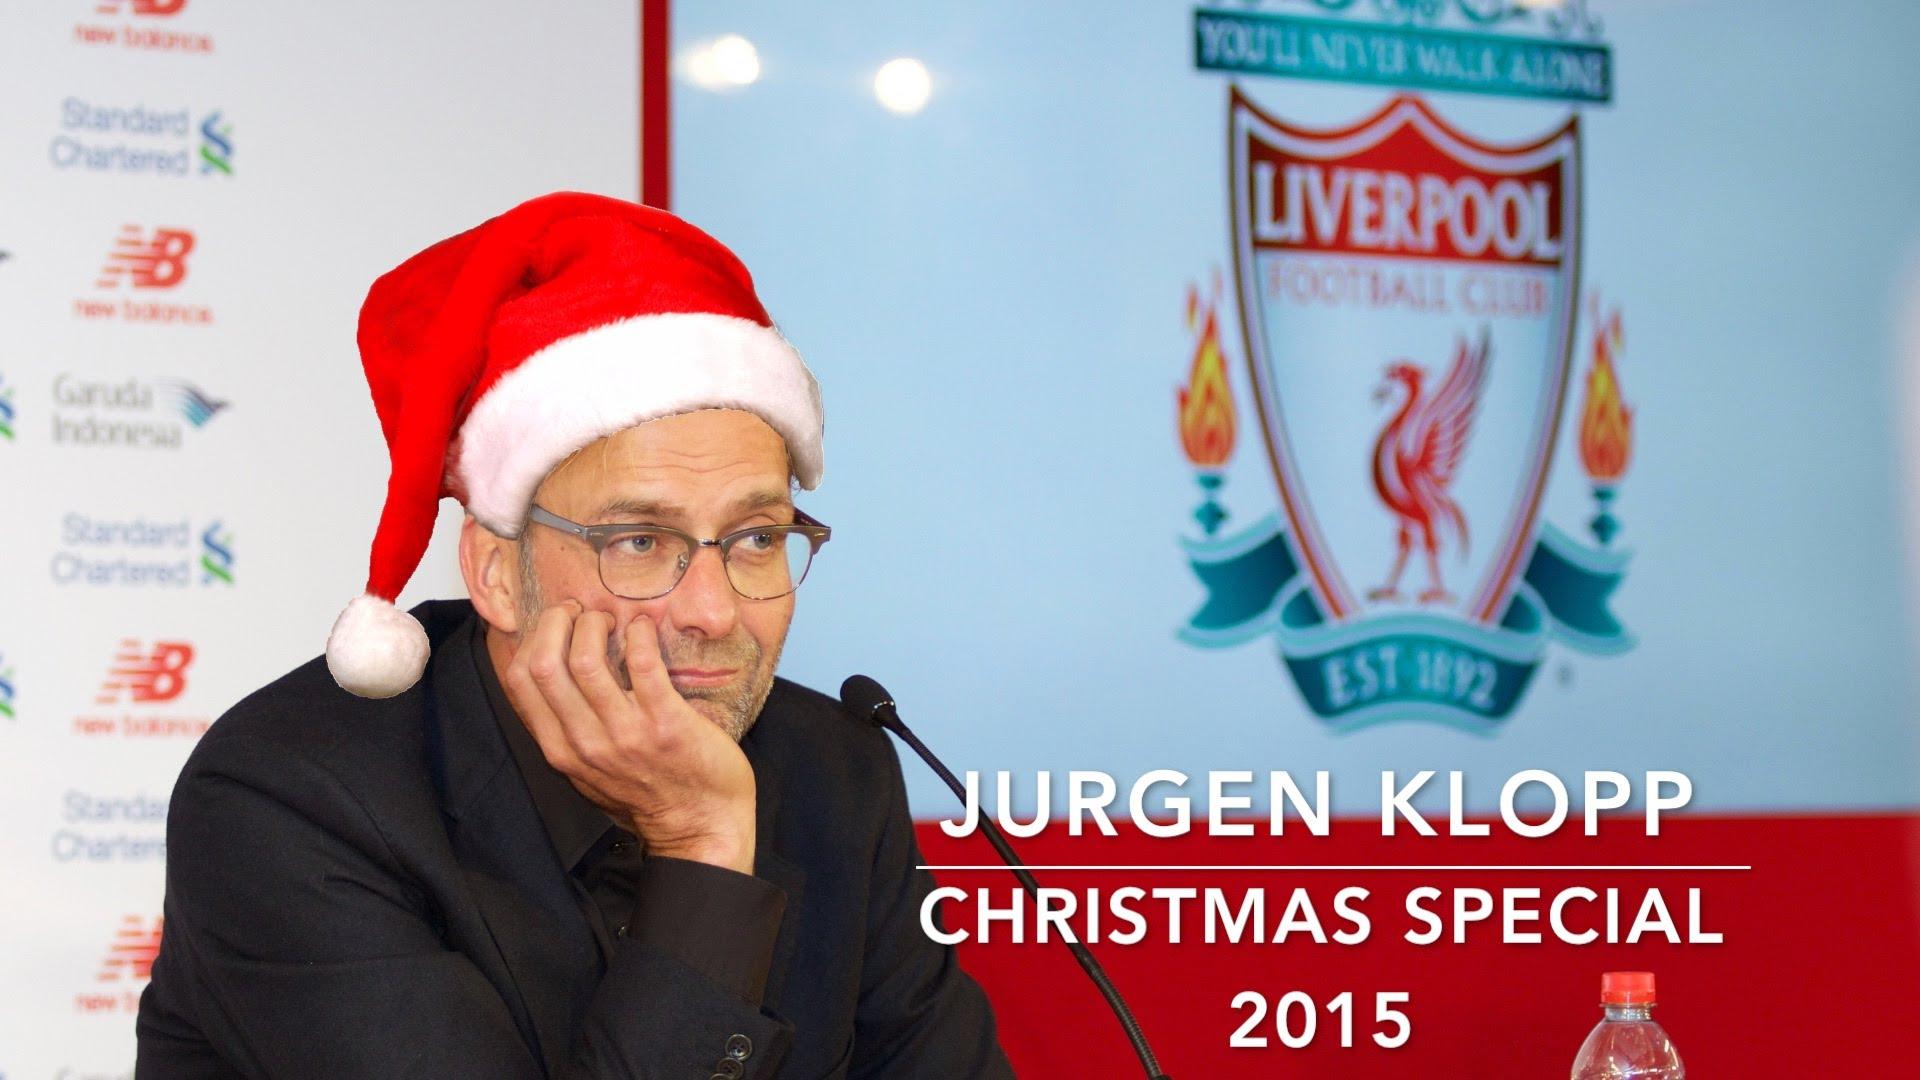 Jurgen Klopp's Funniest Moments – Christmas Special 2015